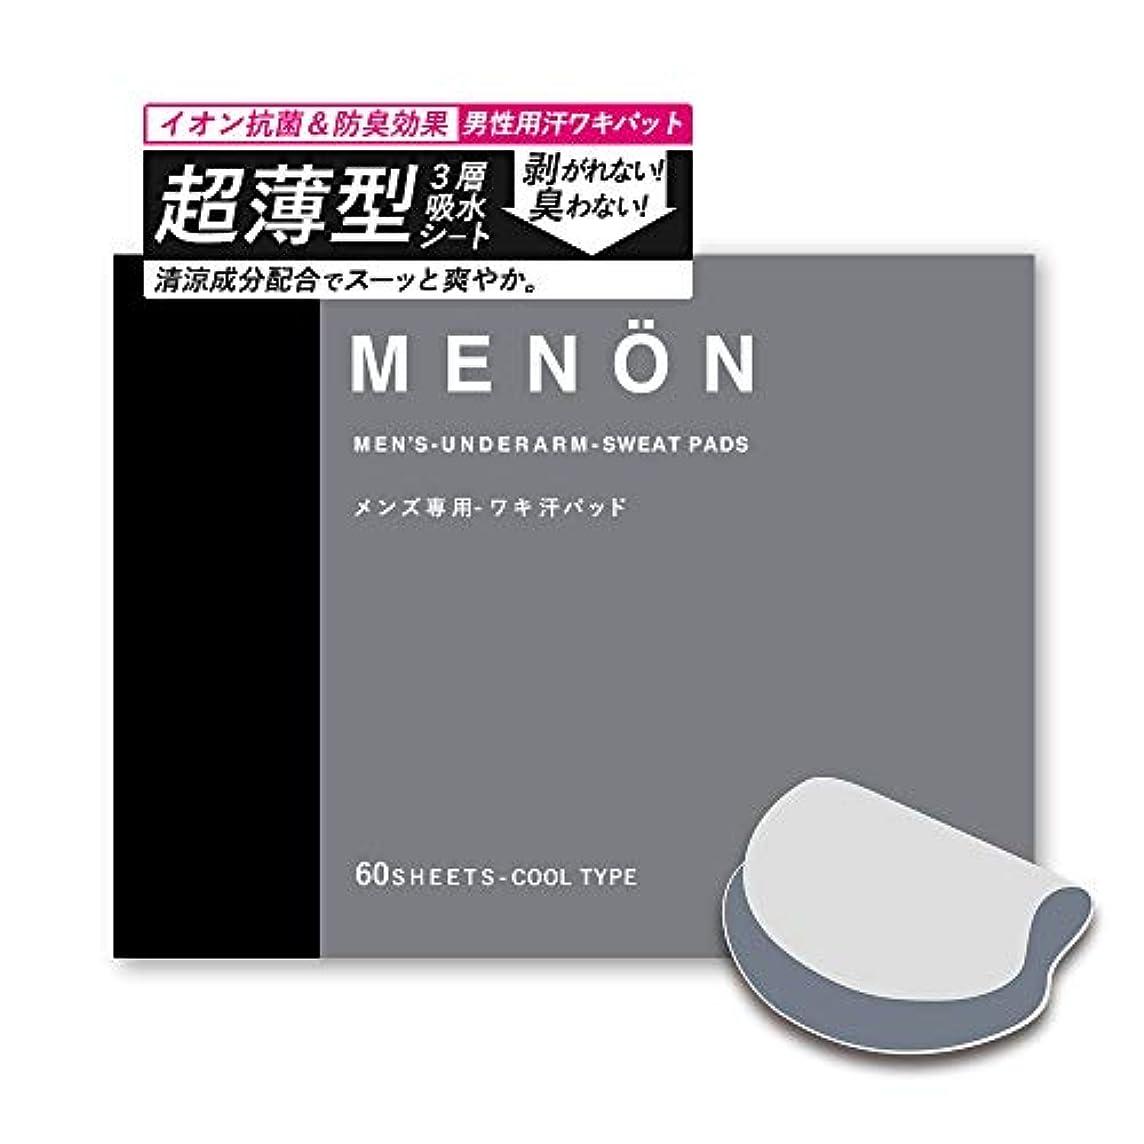 めまいが肺飲料MENON 安心の日本製 脇汗パッド メンズ 使い捨て 汗取りパッド 大容量60枚 (30セット) 清涼成分配合 脇汗 男性用 ボディケア 汗ジミ?臭い予防に パッド シール メノン